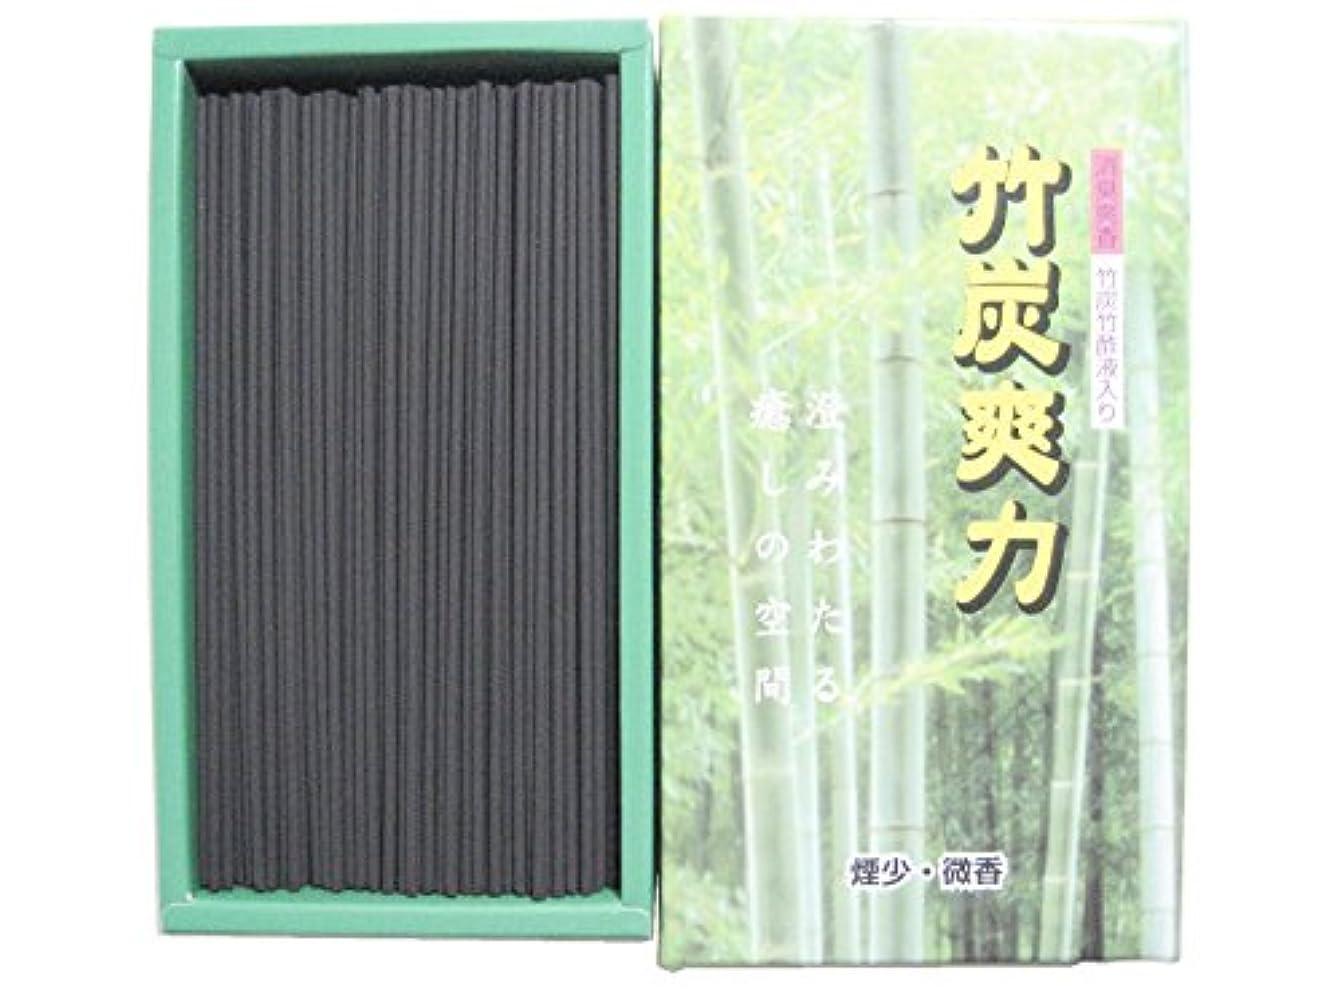 おびえたシャー舌な淡路梅薫堂の竹炭お線香 竹炭爽力微香 95g #250 ×3